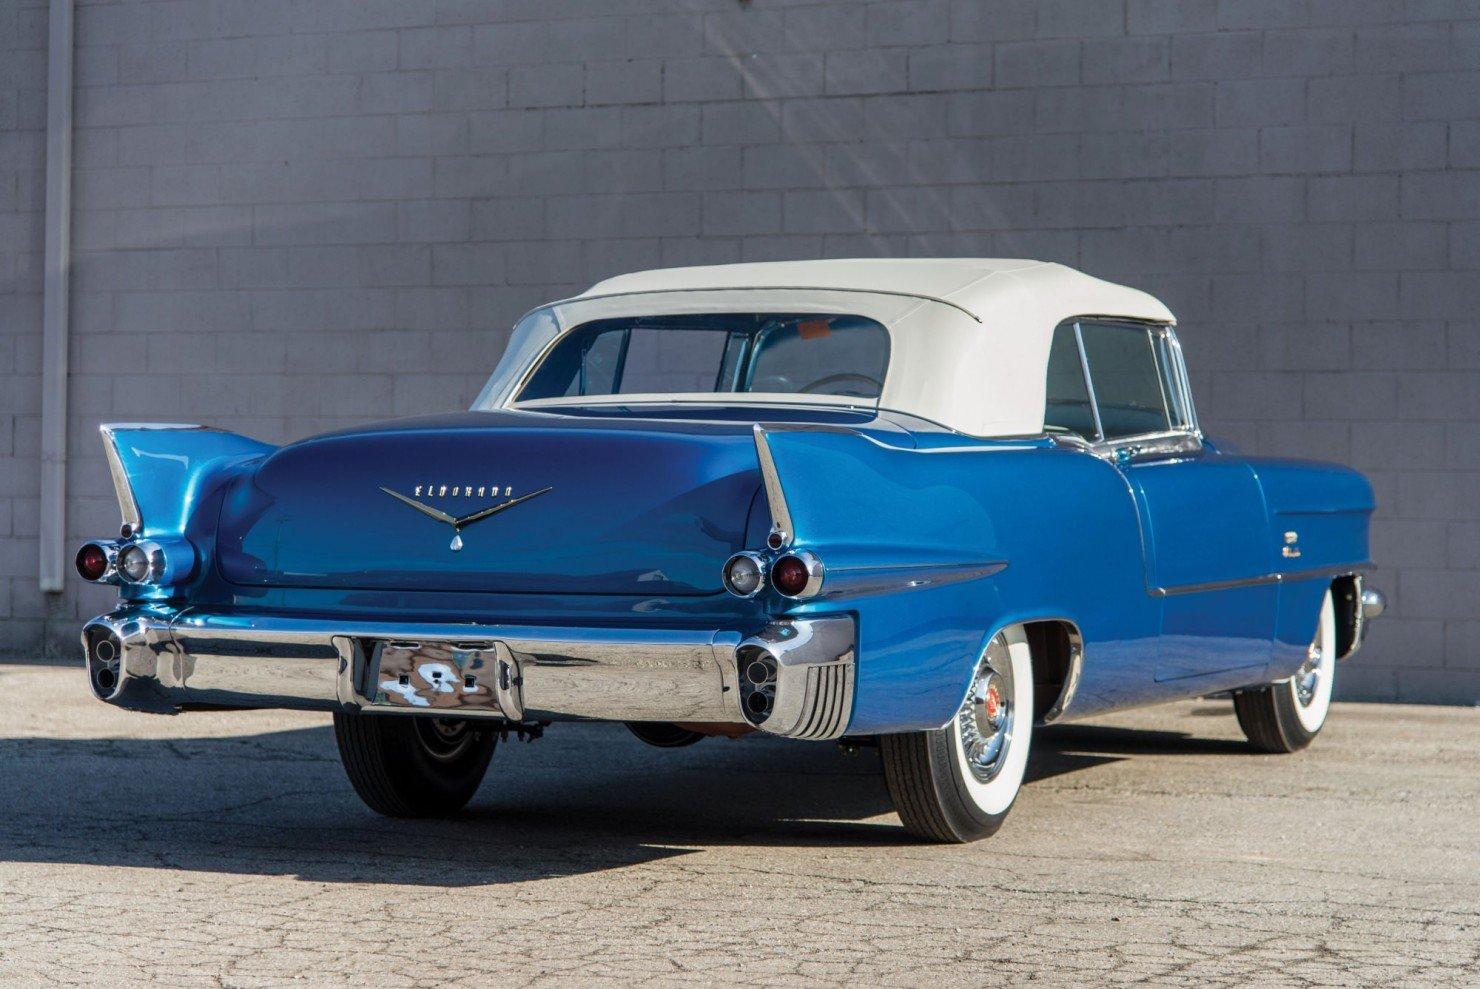 Cadillac-Eldorado-Car-22